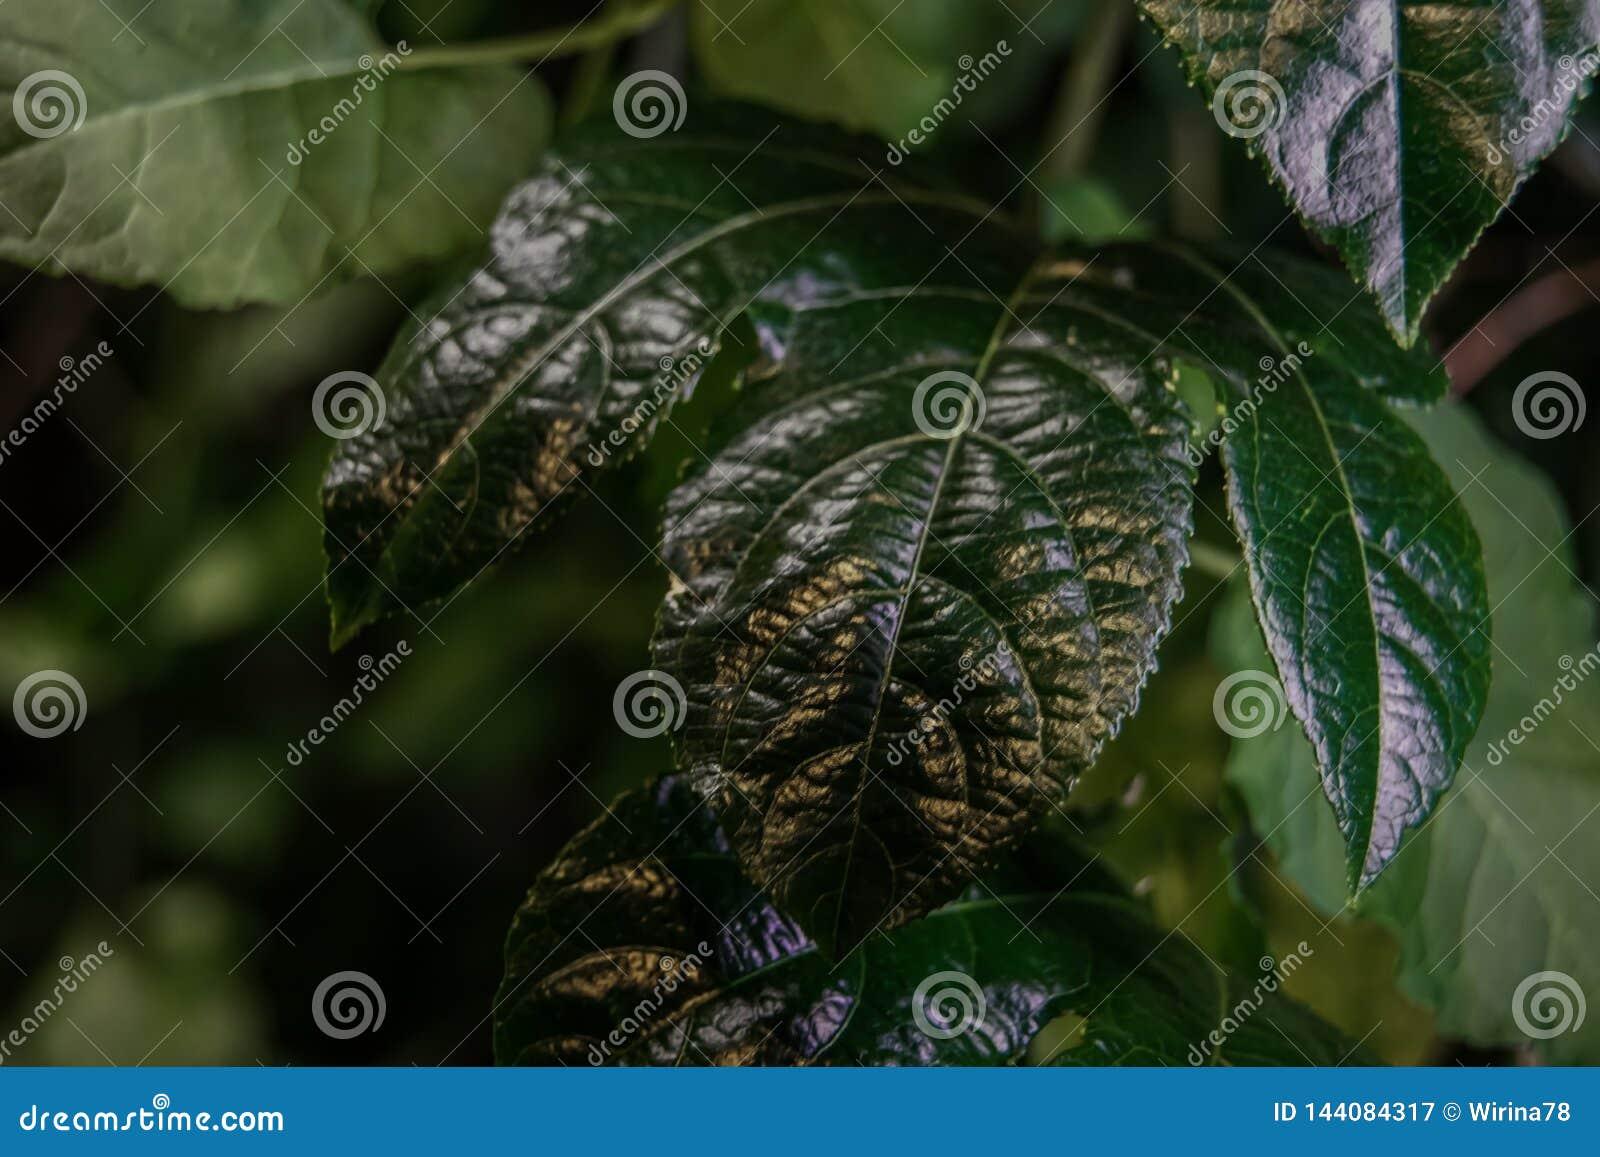 Πράσινη κινηματογράφηση σε πρώτο πλάνο φύλλων Σκούρο πράσινο υπόβαθρο Αειθαλής Εκτός από την έννοια οικολογίας Λεπτομερές φύλλωμα